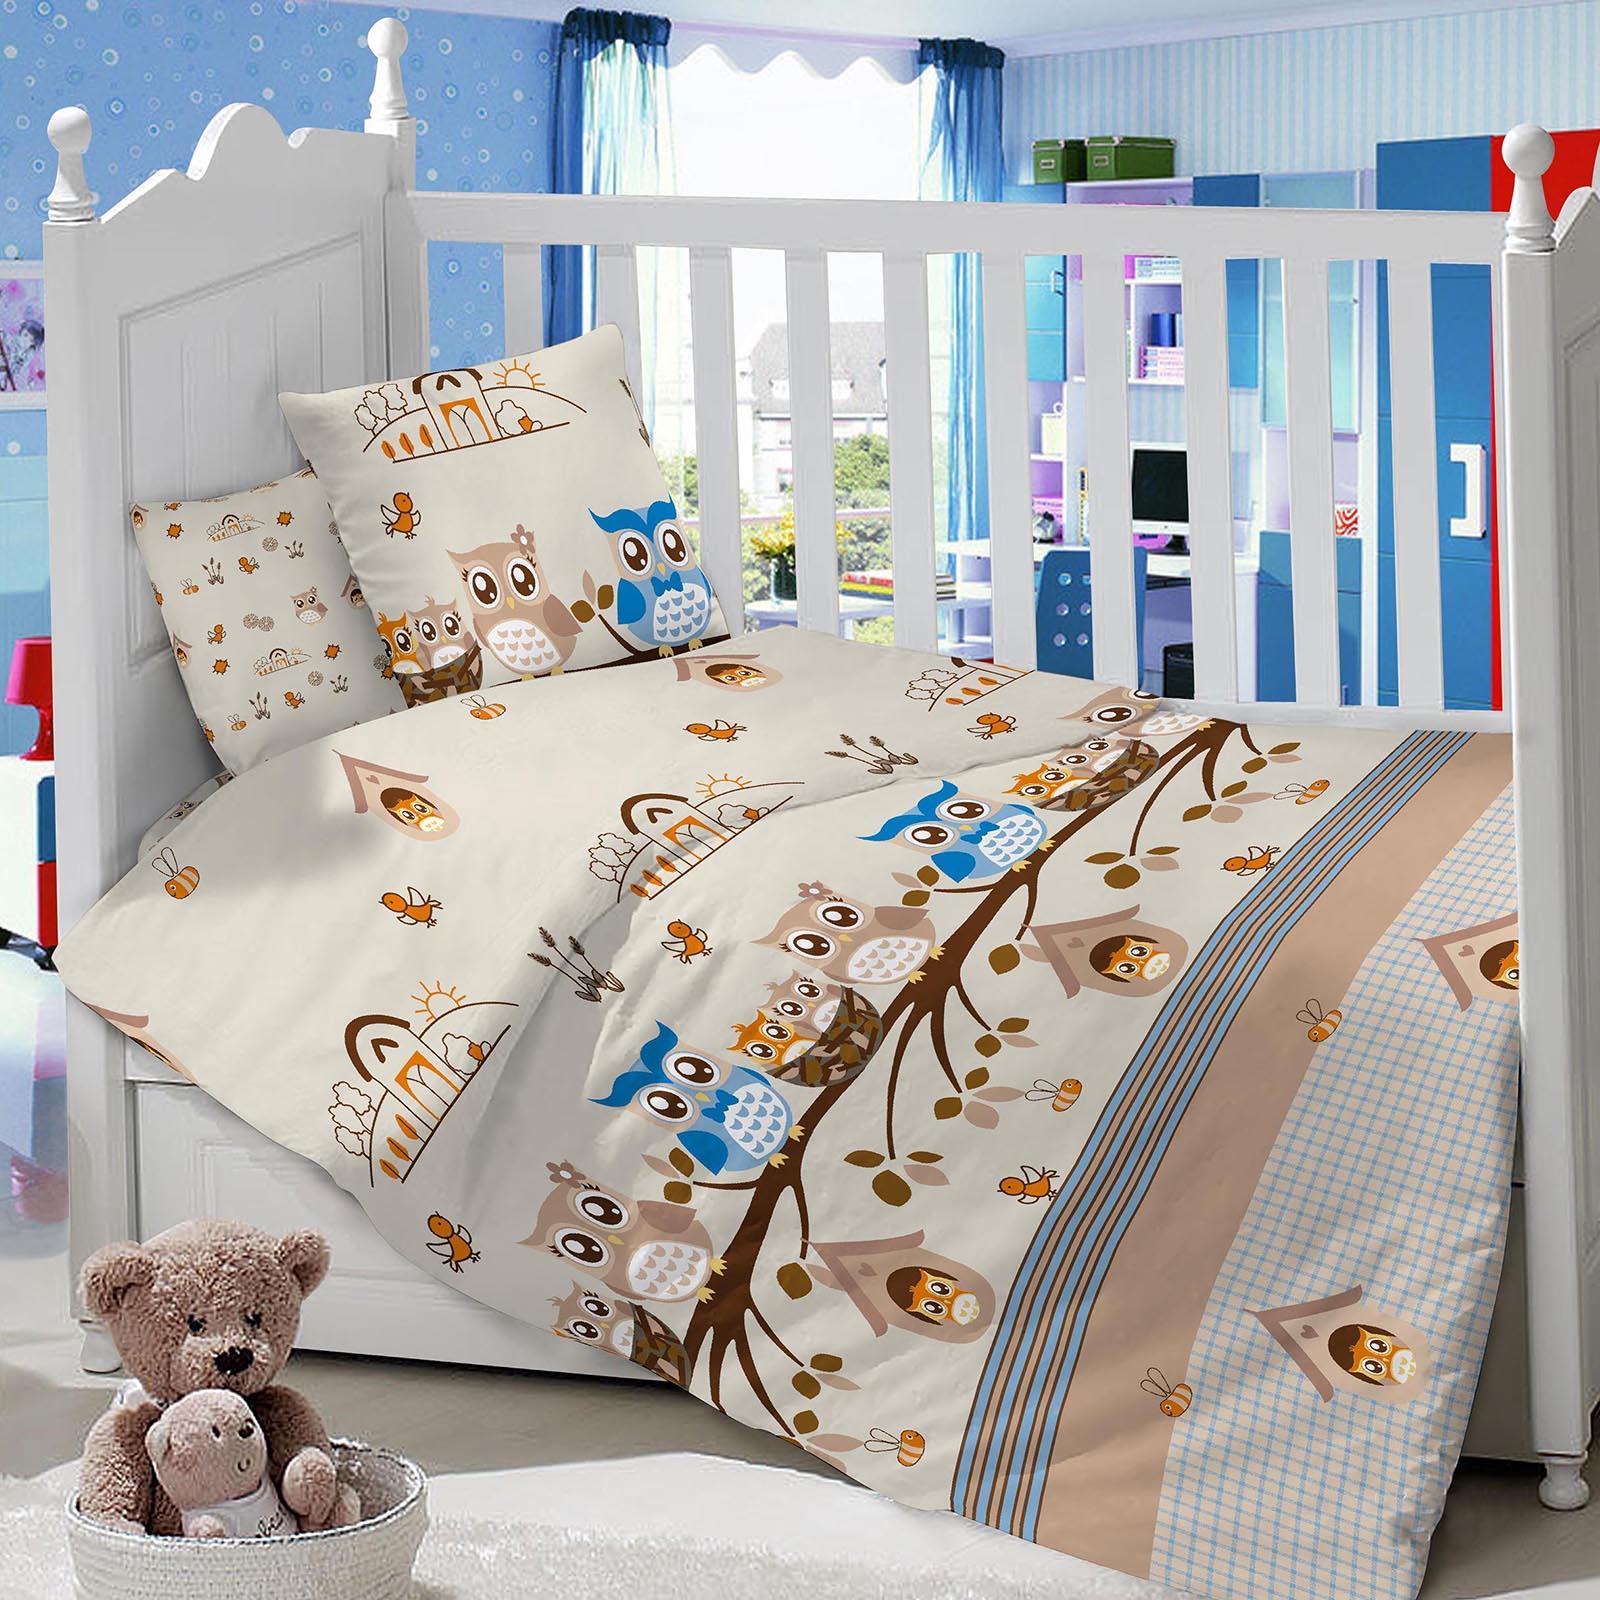 Комплект в кроватку LIMETIME Комплект в кроватку, простыня на резинке, LT1000-13, коричневый